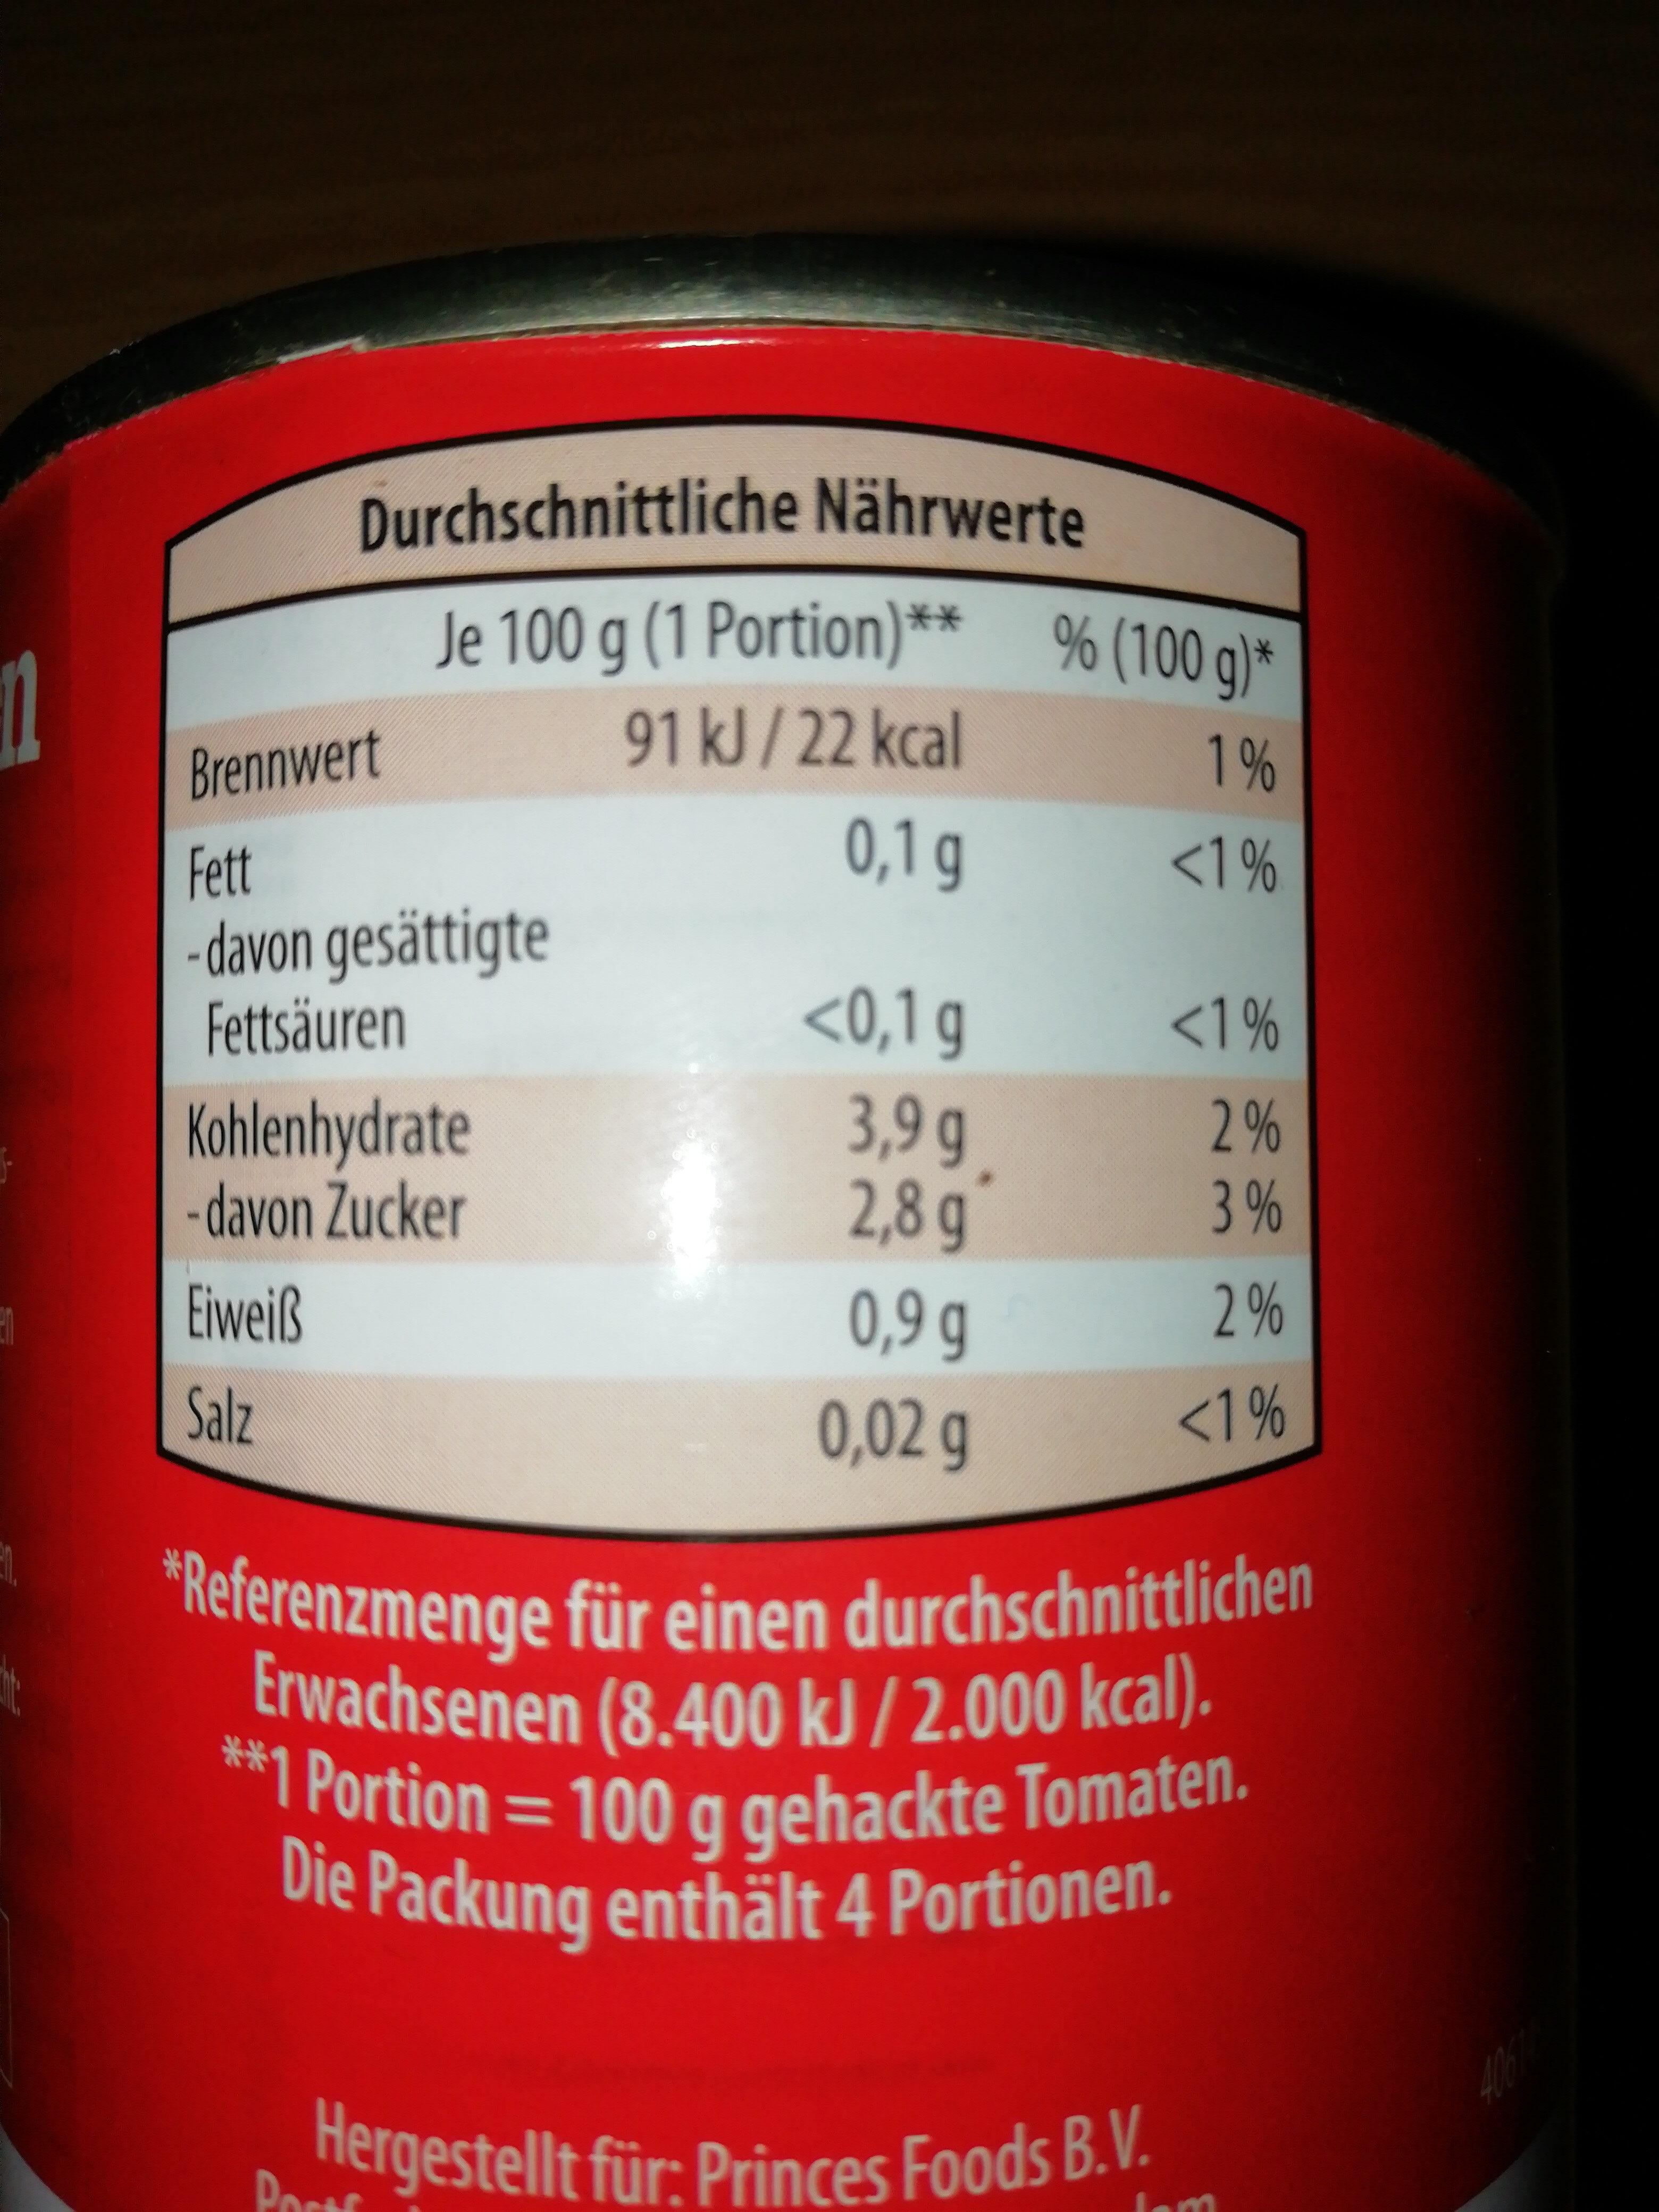 Tomaten - gehackt - Ingredients - en